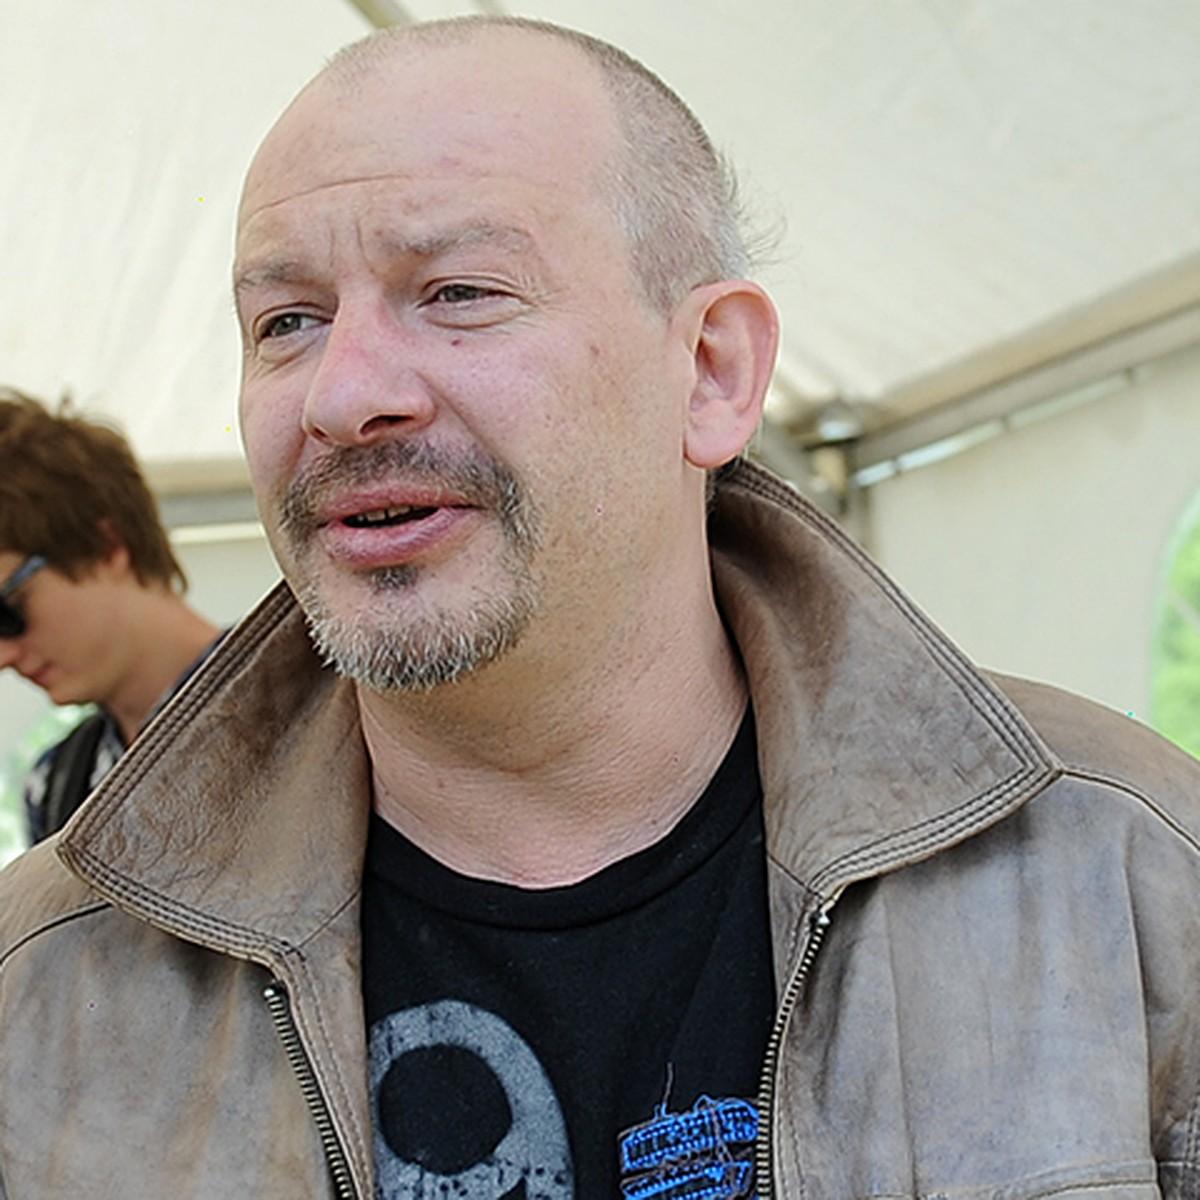 Актер умерший в наркологической клинике наркологическая клиника в гатчине